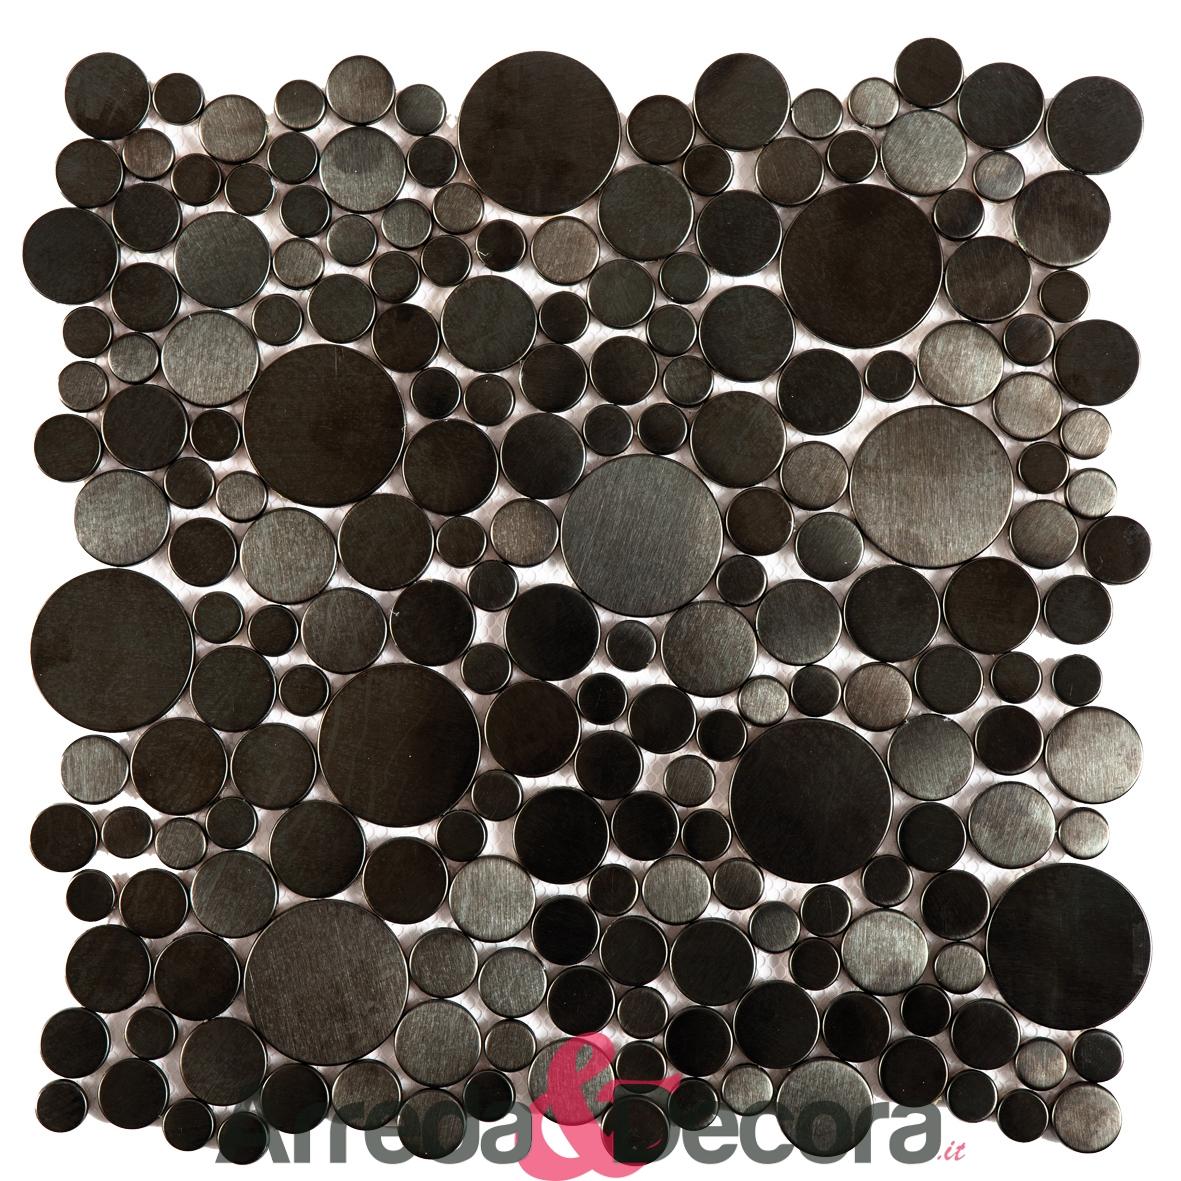 Mosaico in Acciaio mod. Ciottoli Rotondi Neri MENO06